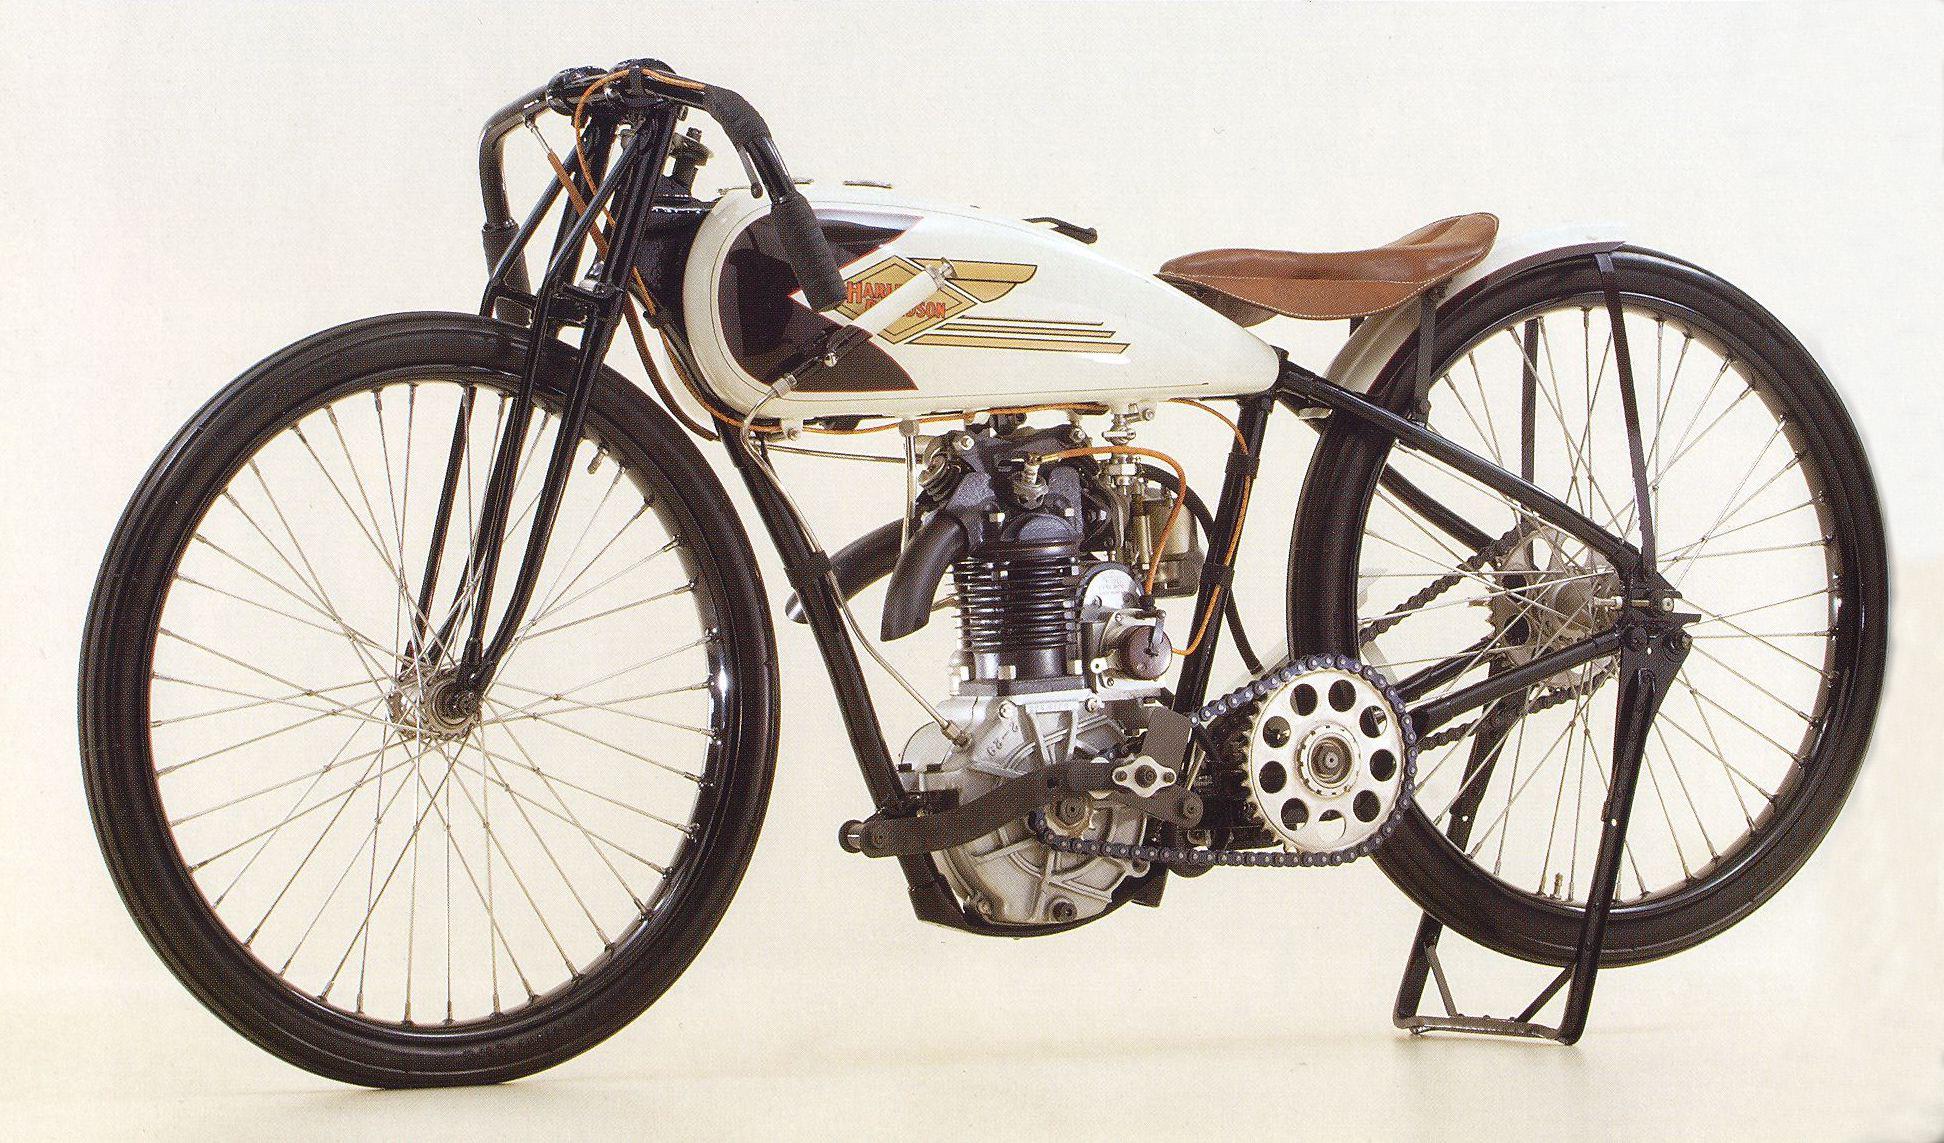 Modelo de competición S - Peashooter de 1927